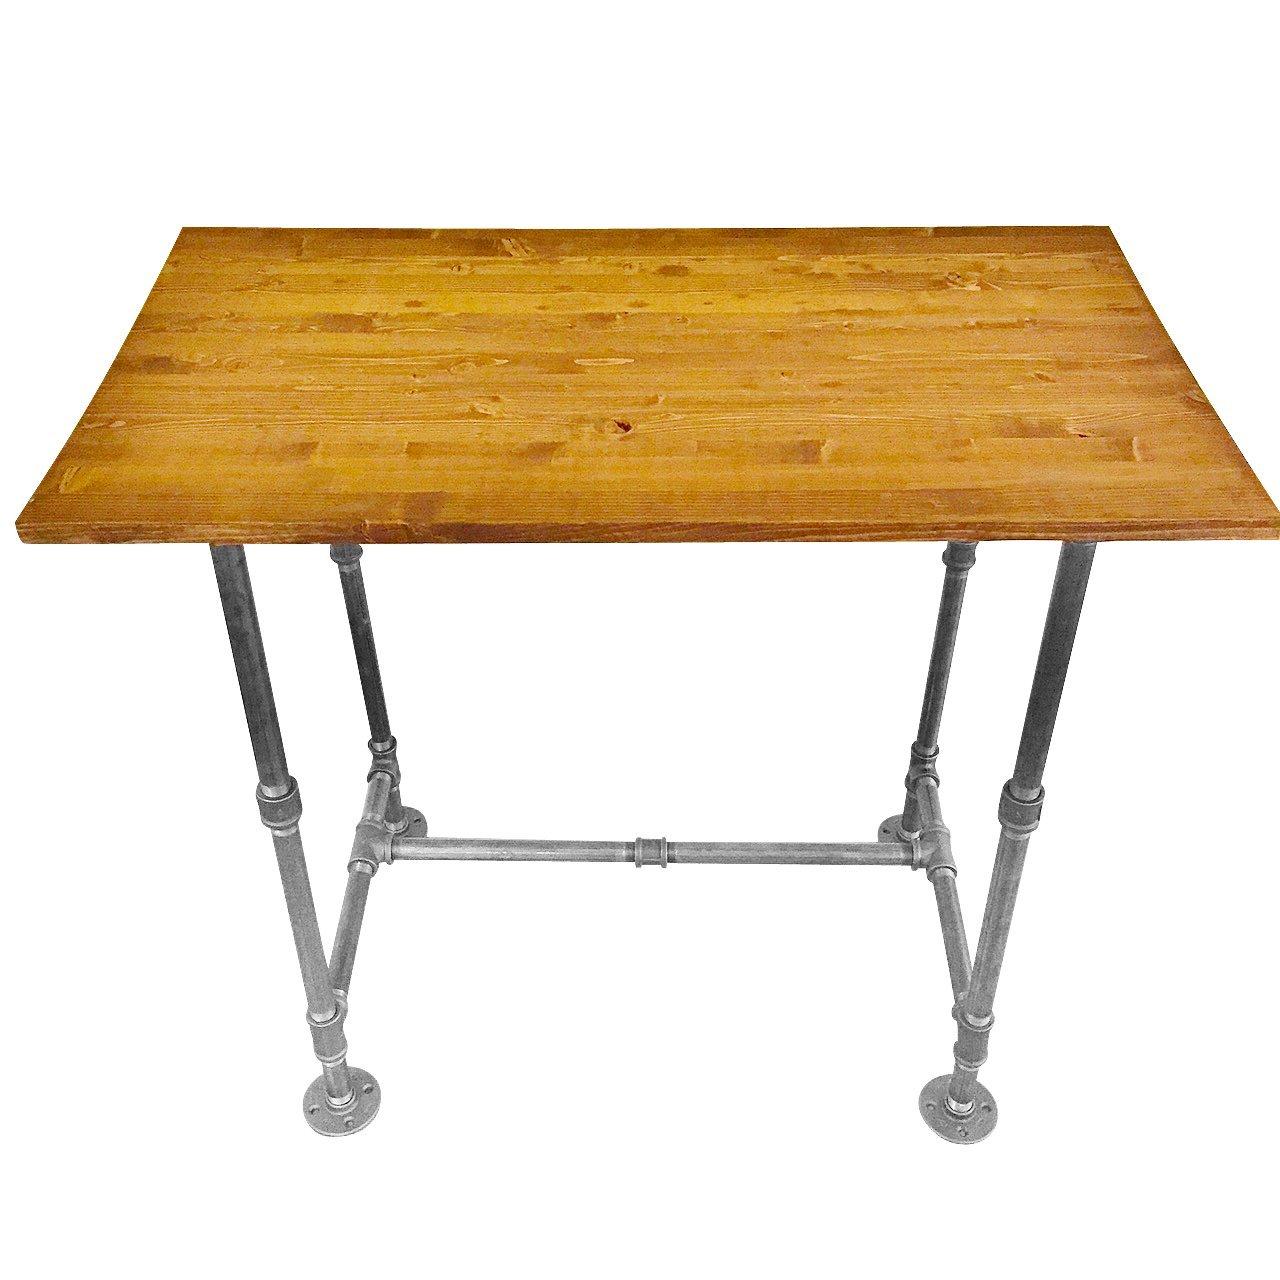 Industrial Vintage Style Steel Pipe Desk